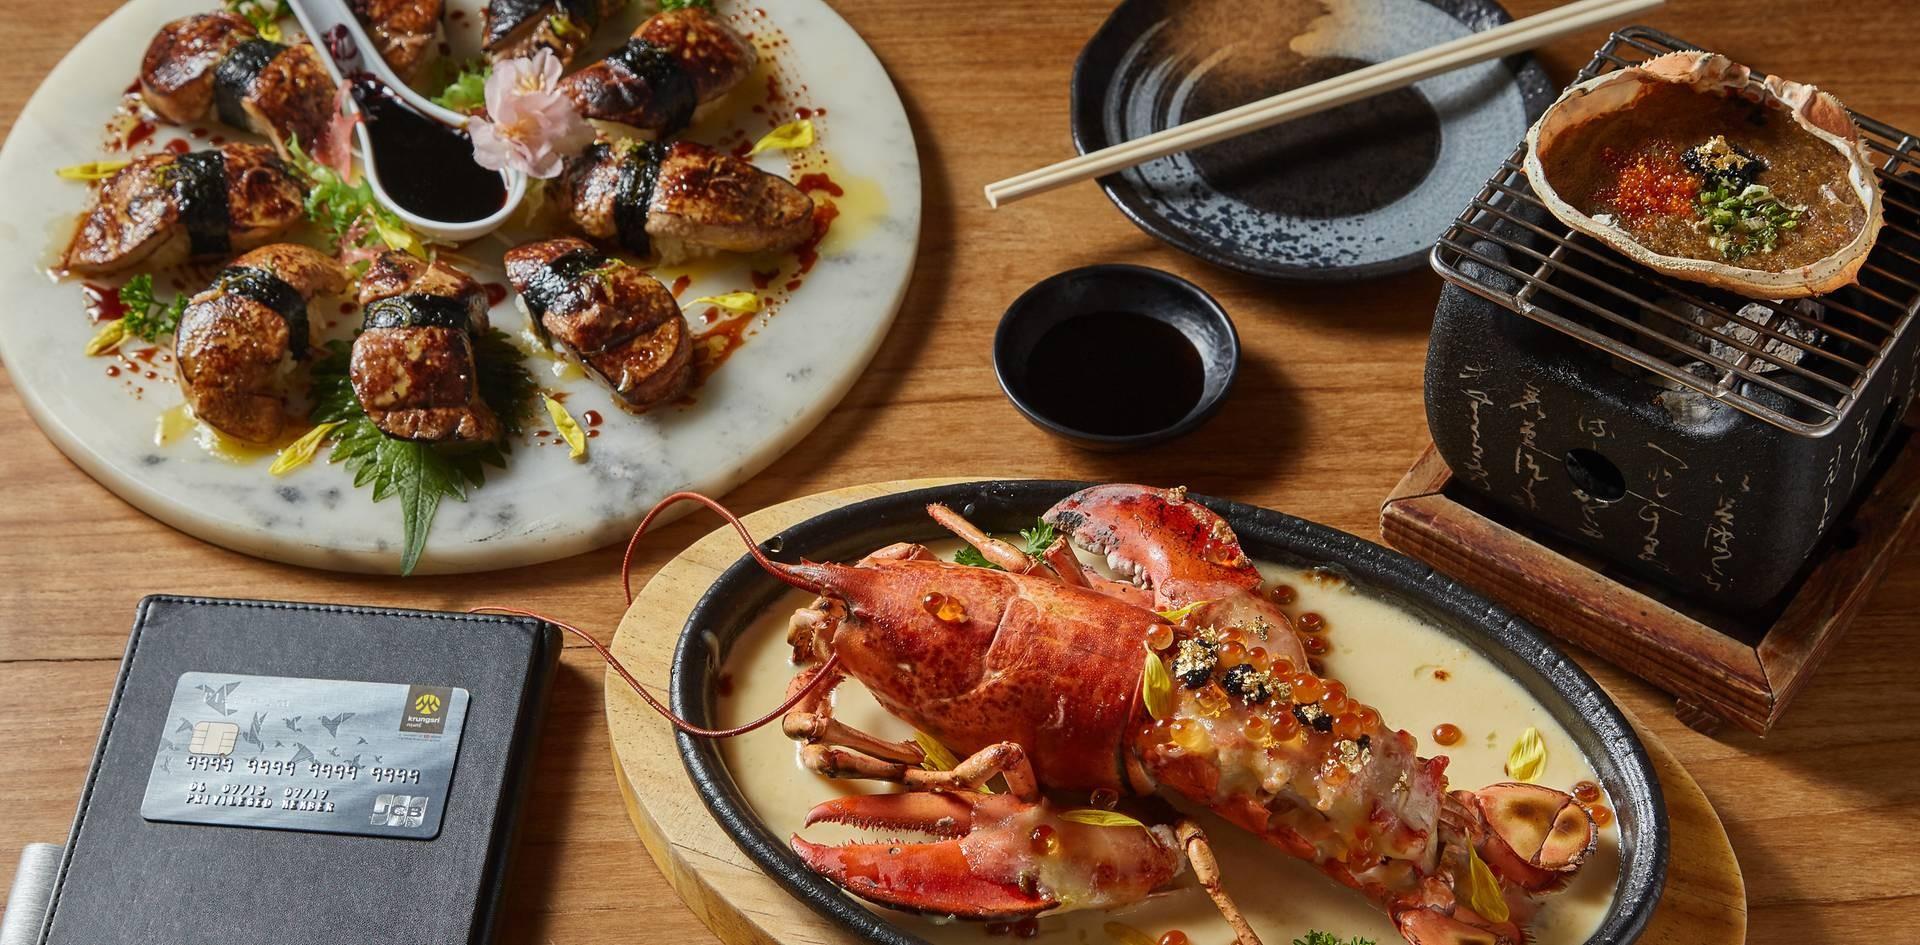 รายชื่อเมนูอาหารที่ทางร้านแนะนำ ได้แก่ 1. คานิมิโสะ 2. ฟัวกราส์ซูชิ 3. ล็อบสเตอร